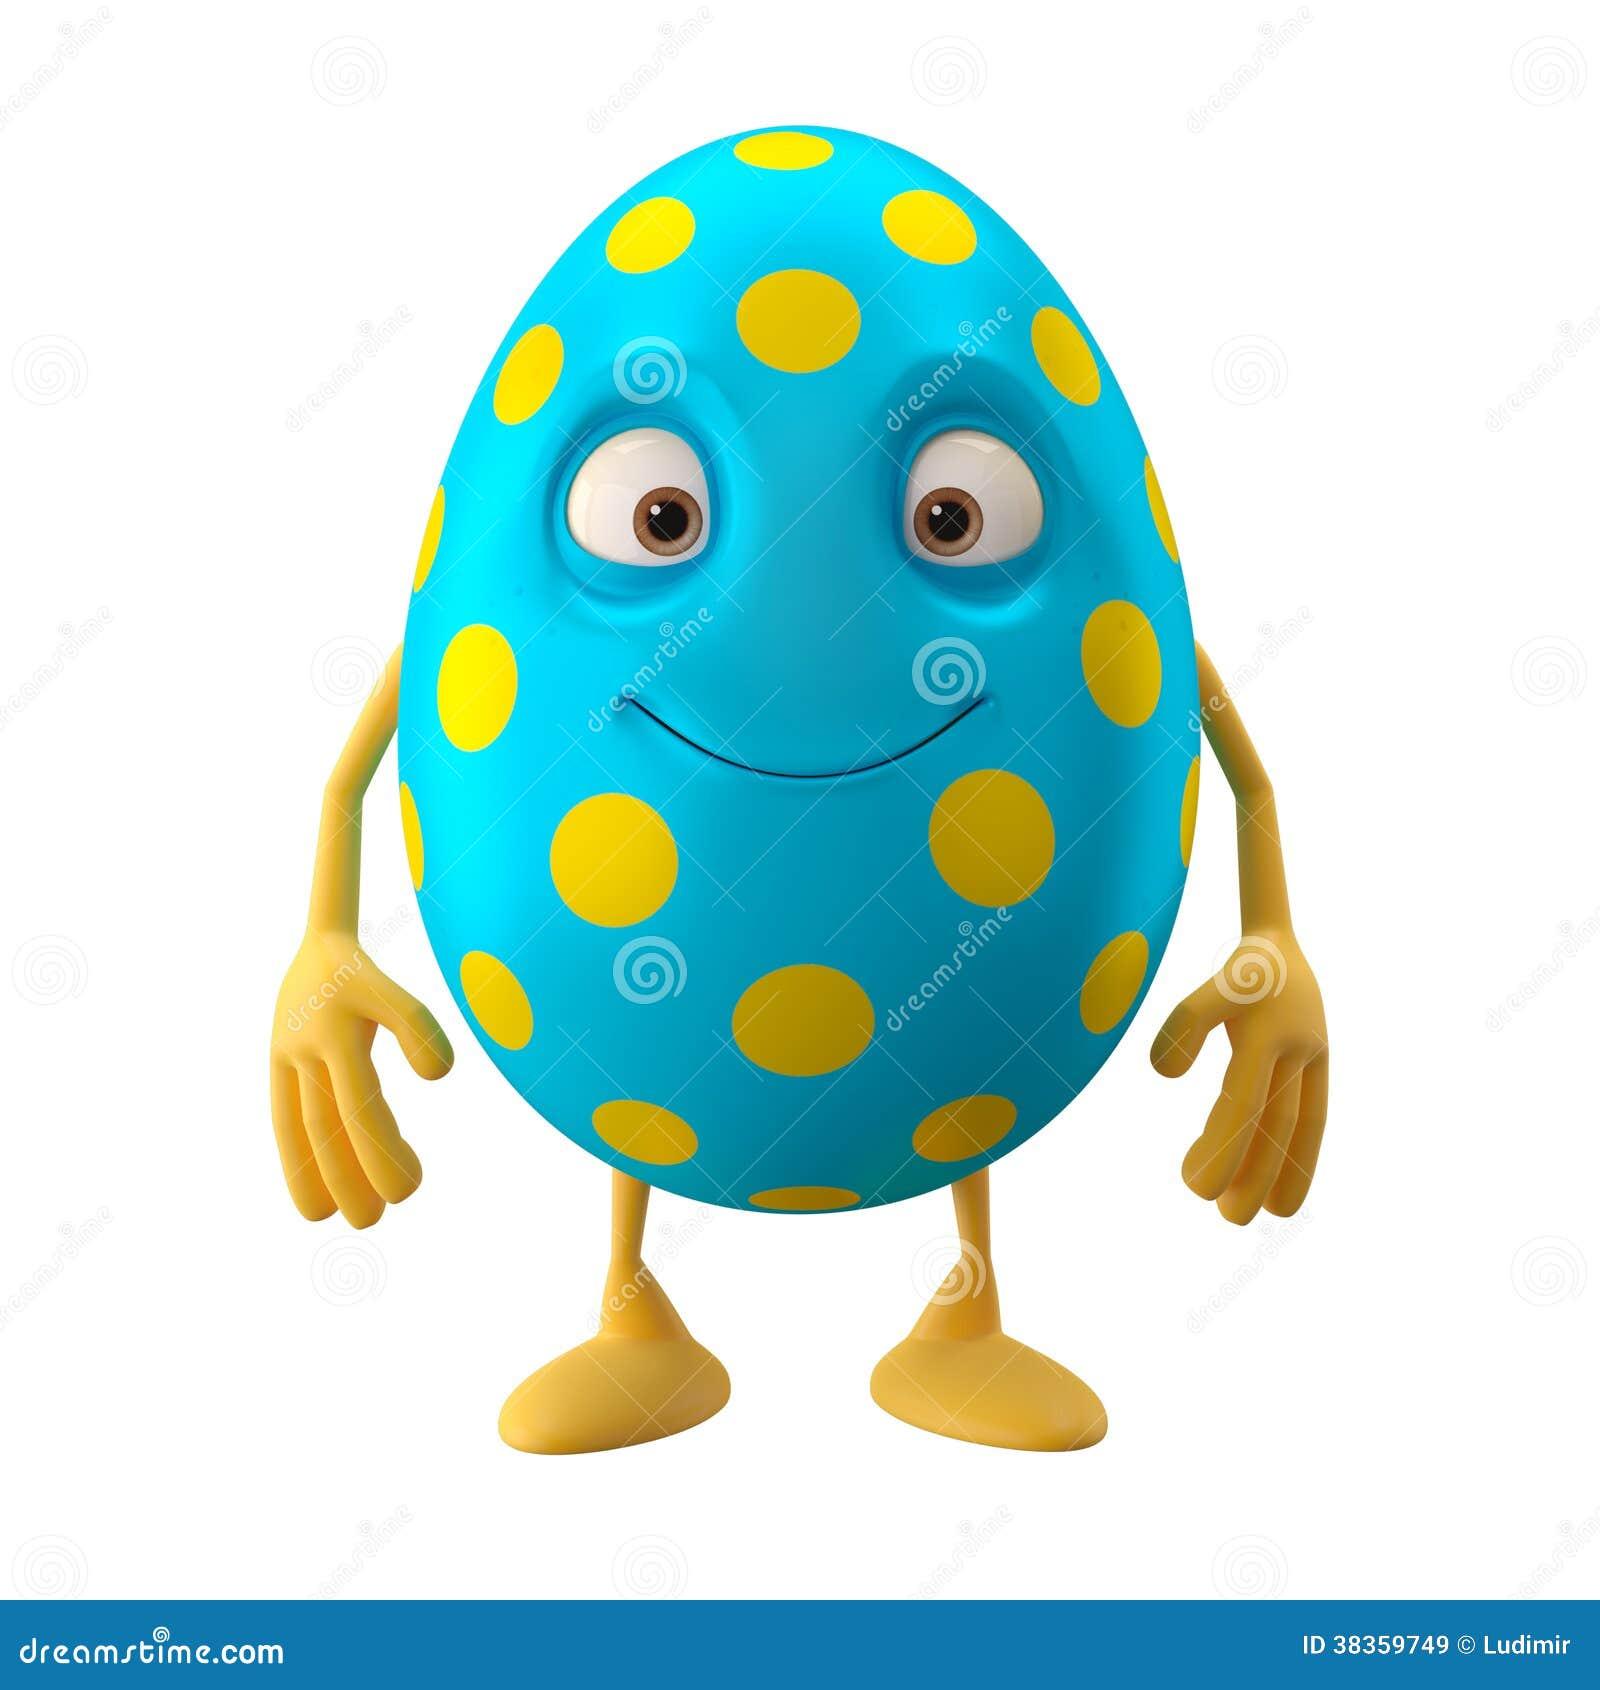 微笑的复活节彩蛋,滑稽的3D漫画人物